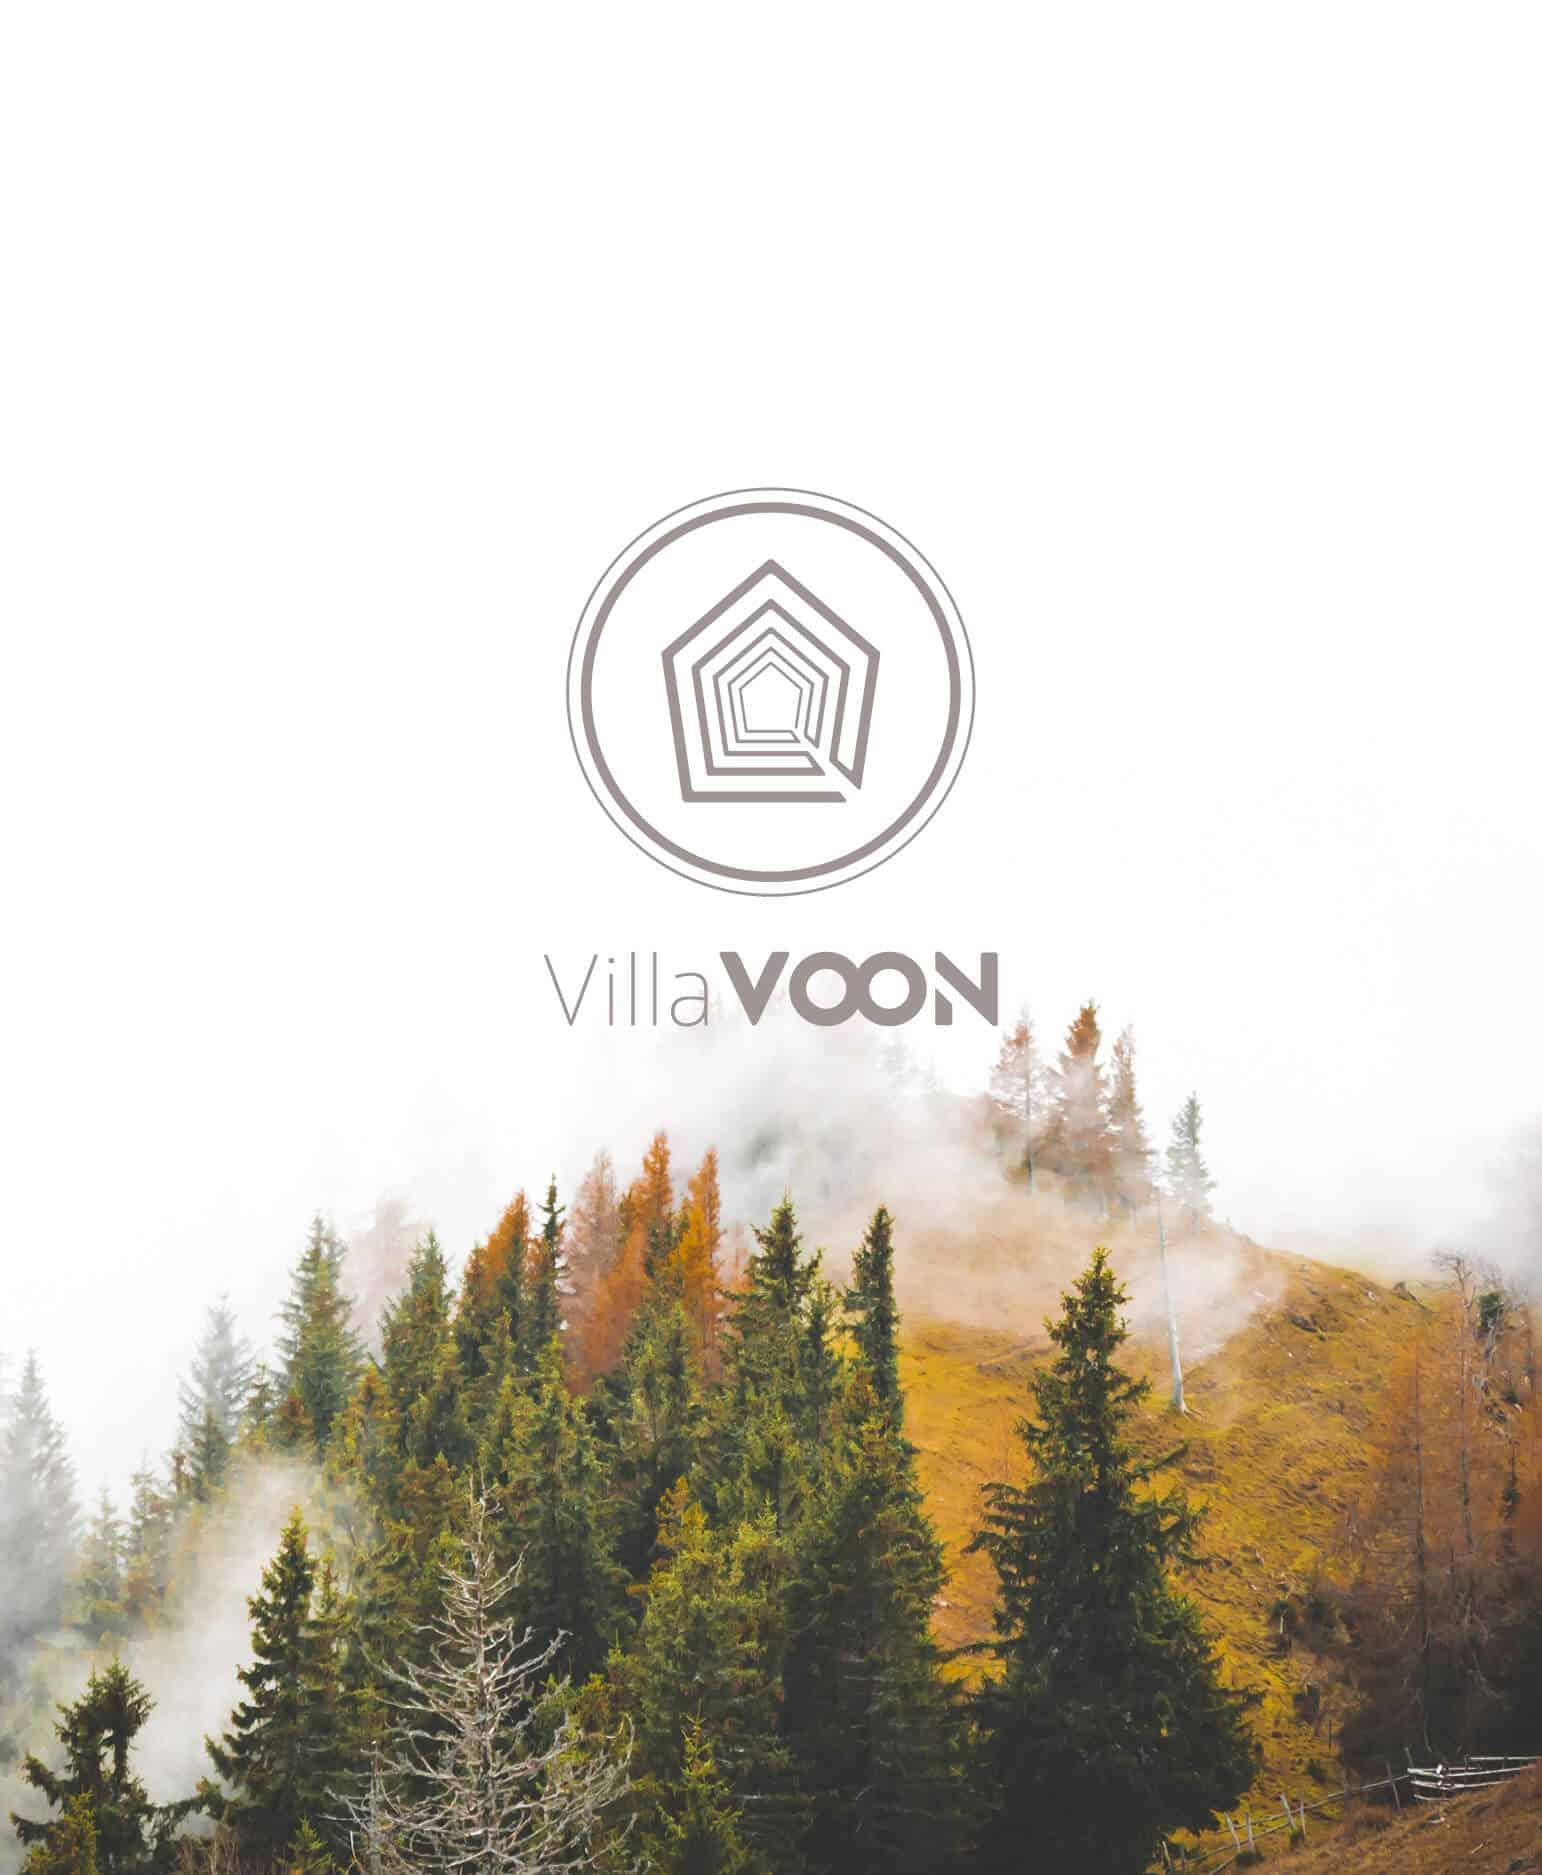 VillaVOON - Die Holzvilla der Zukunft